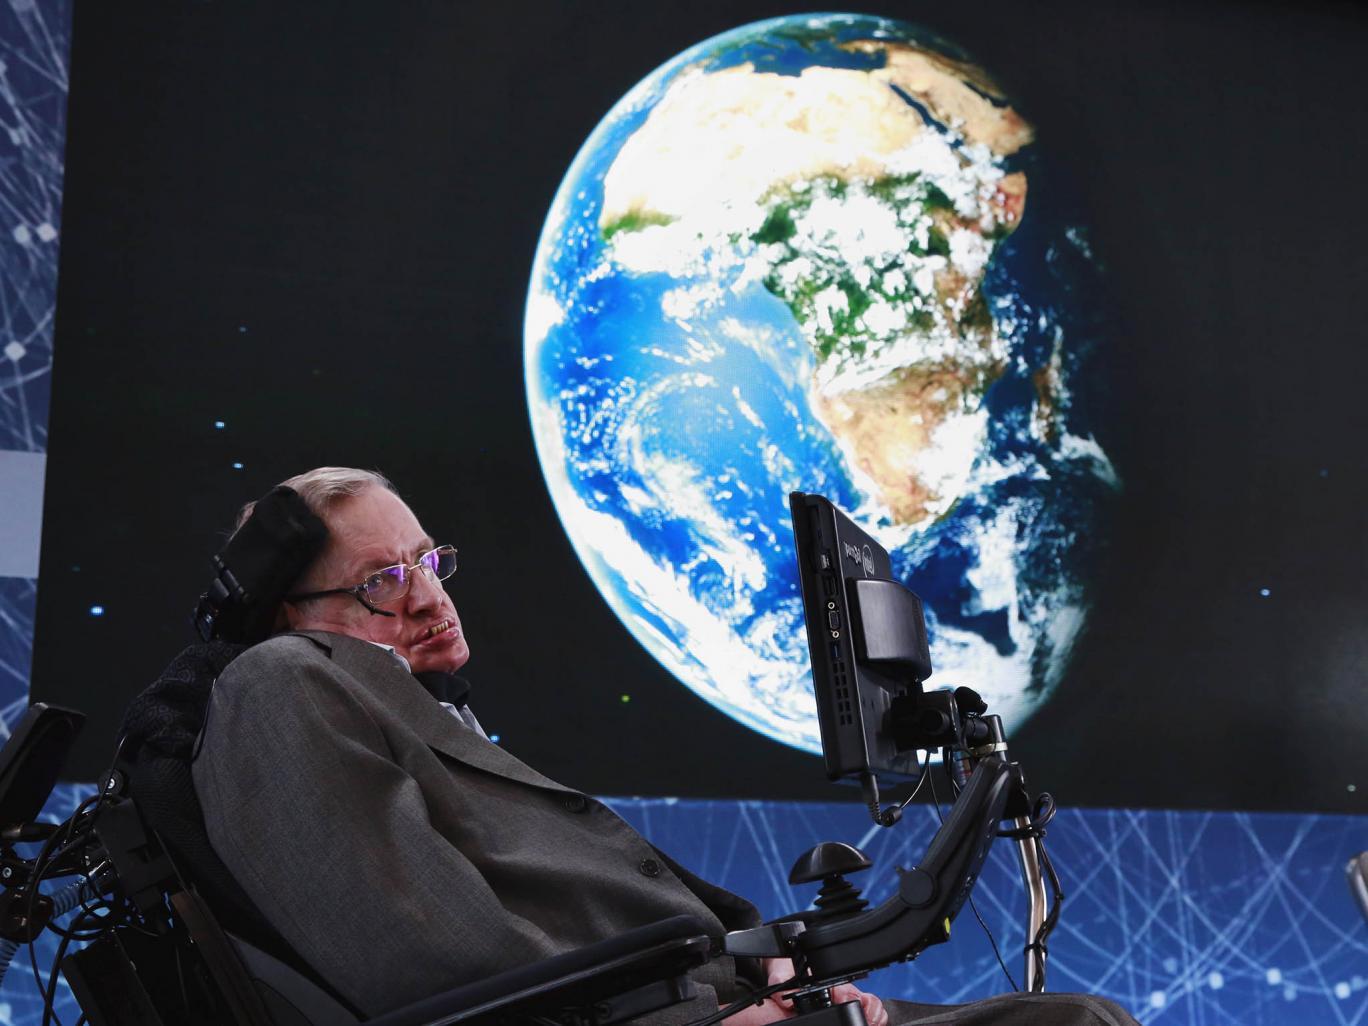 Стивен Хокинг ќе патува во вселената со бродот на Ричард Бренсон